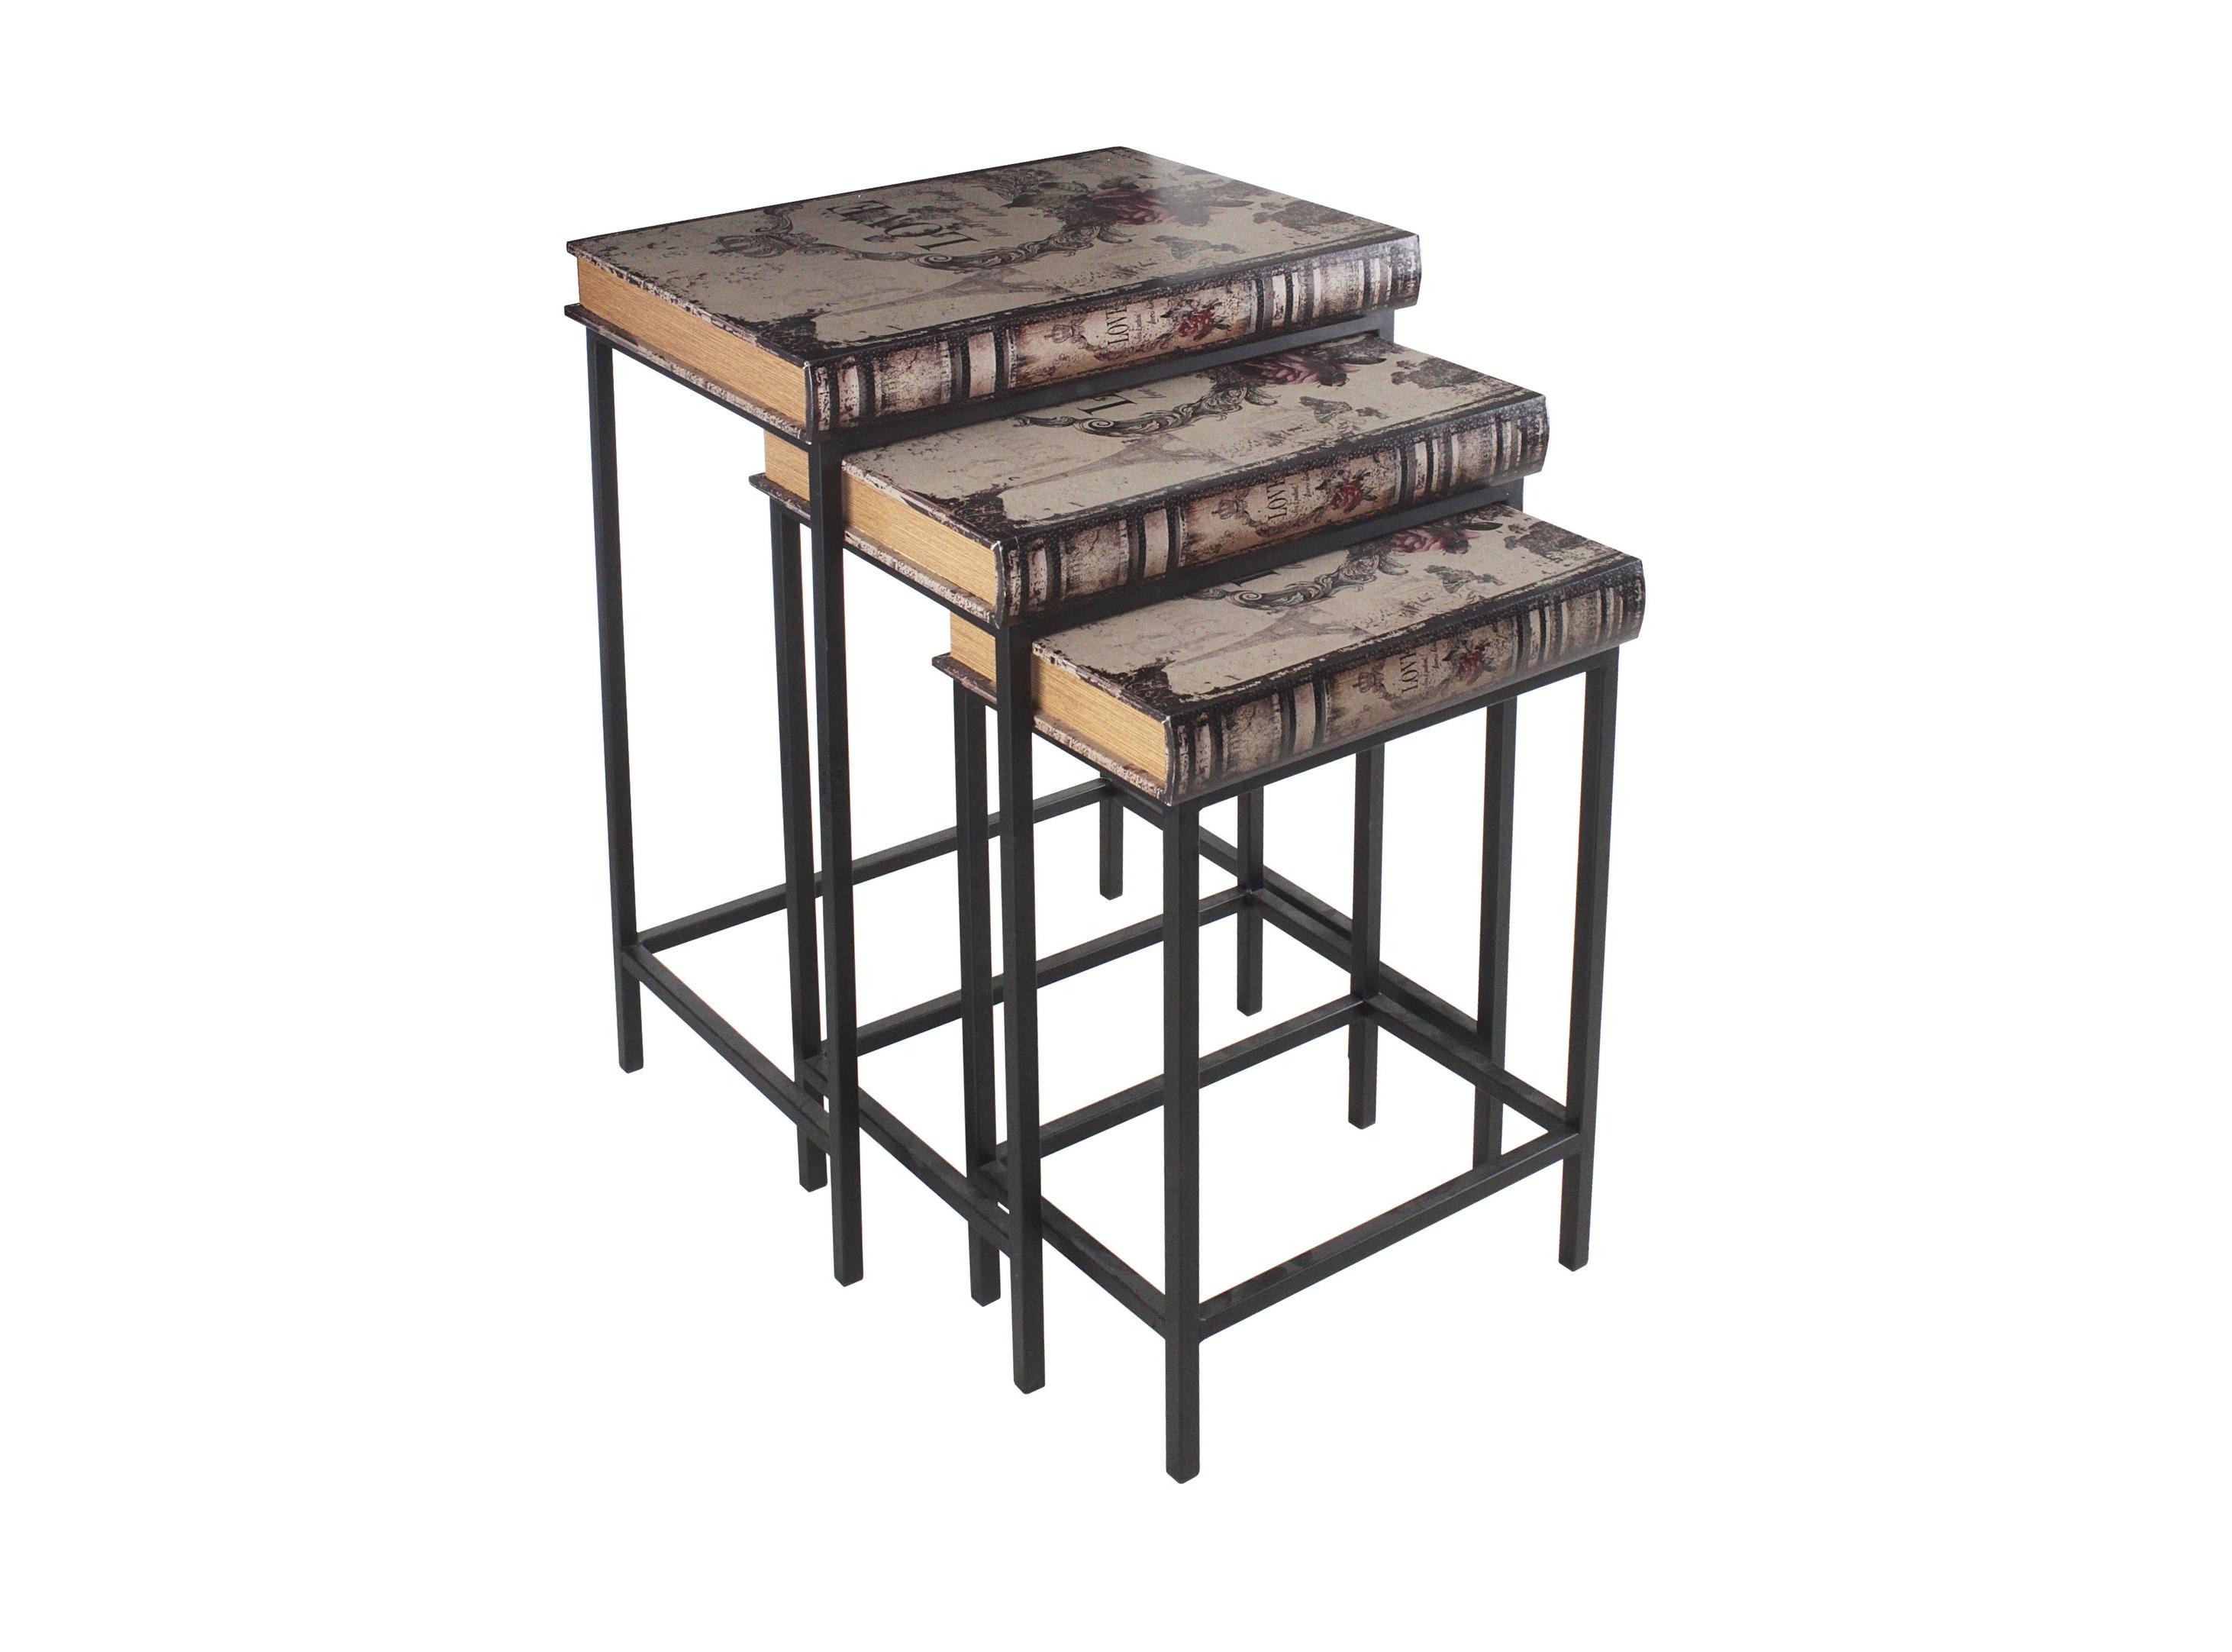 Набор столиков Sergio (3 шт)Приставные столики<br>Размеры:Большой - 50X38X71 cm;Средний - 44X31X64 cm;Маленький - 38.5X26.5X56 cm;Материалы: пихта, металл, кожа<br><br>kit: None<br>gender: None